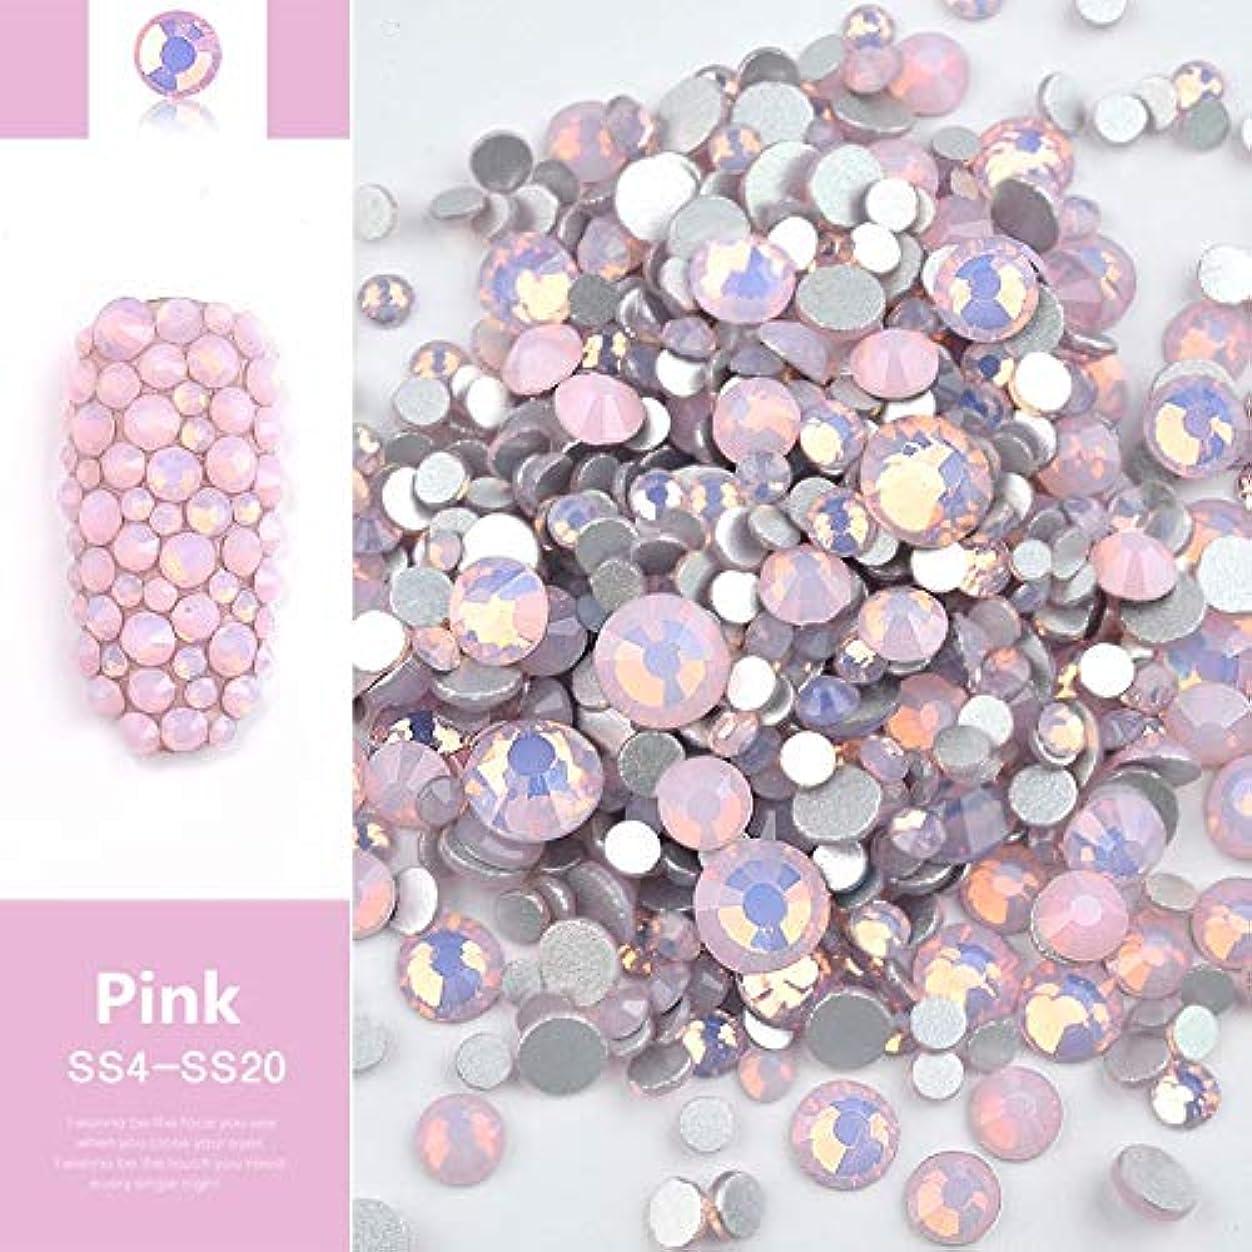 月曜日ネストリズミカルなJiaoran ビーズ樹脂クリスタルラウンドネイルアートミックスフラットバックアクリルラインストーンミックスサイズ1.5-4.5 mm装飾用ネイル (Color : Pink)